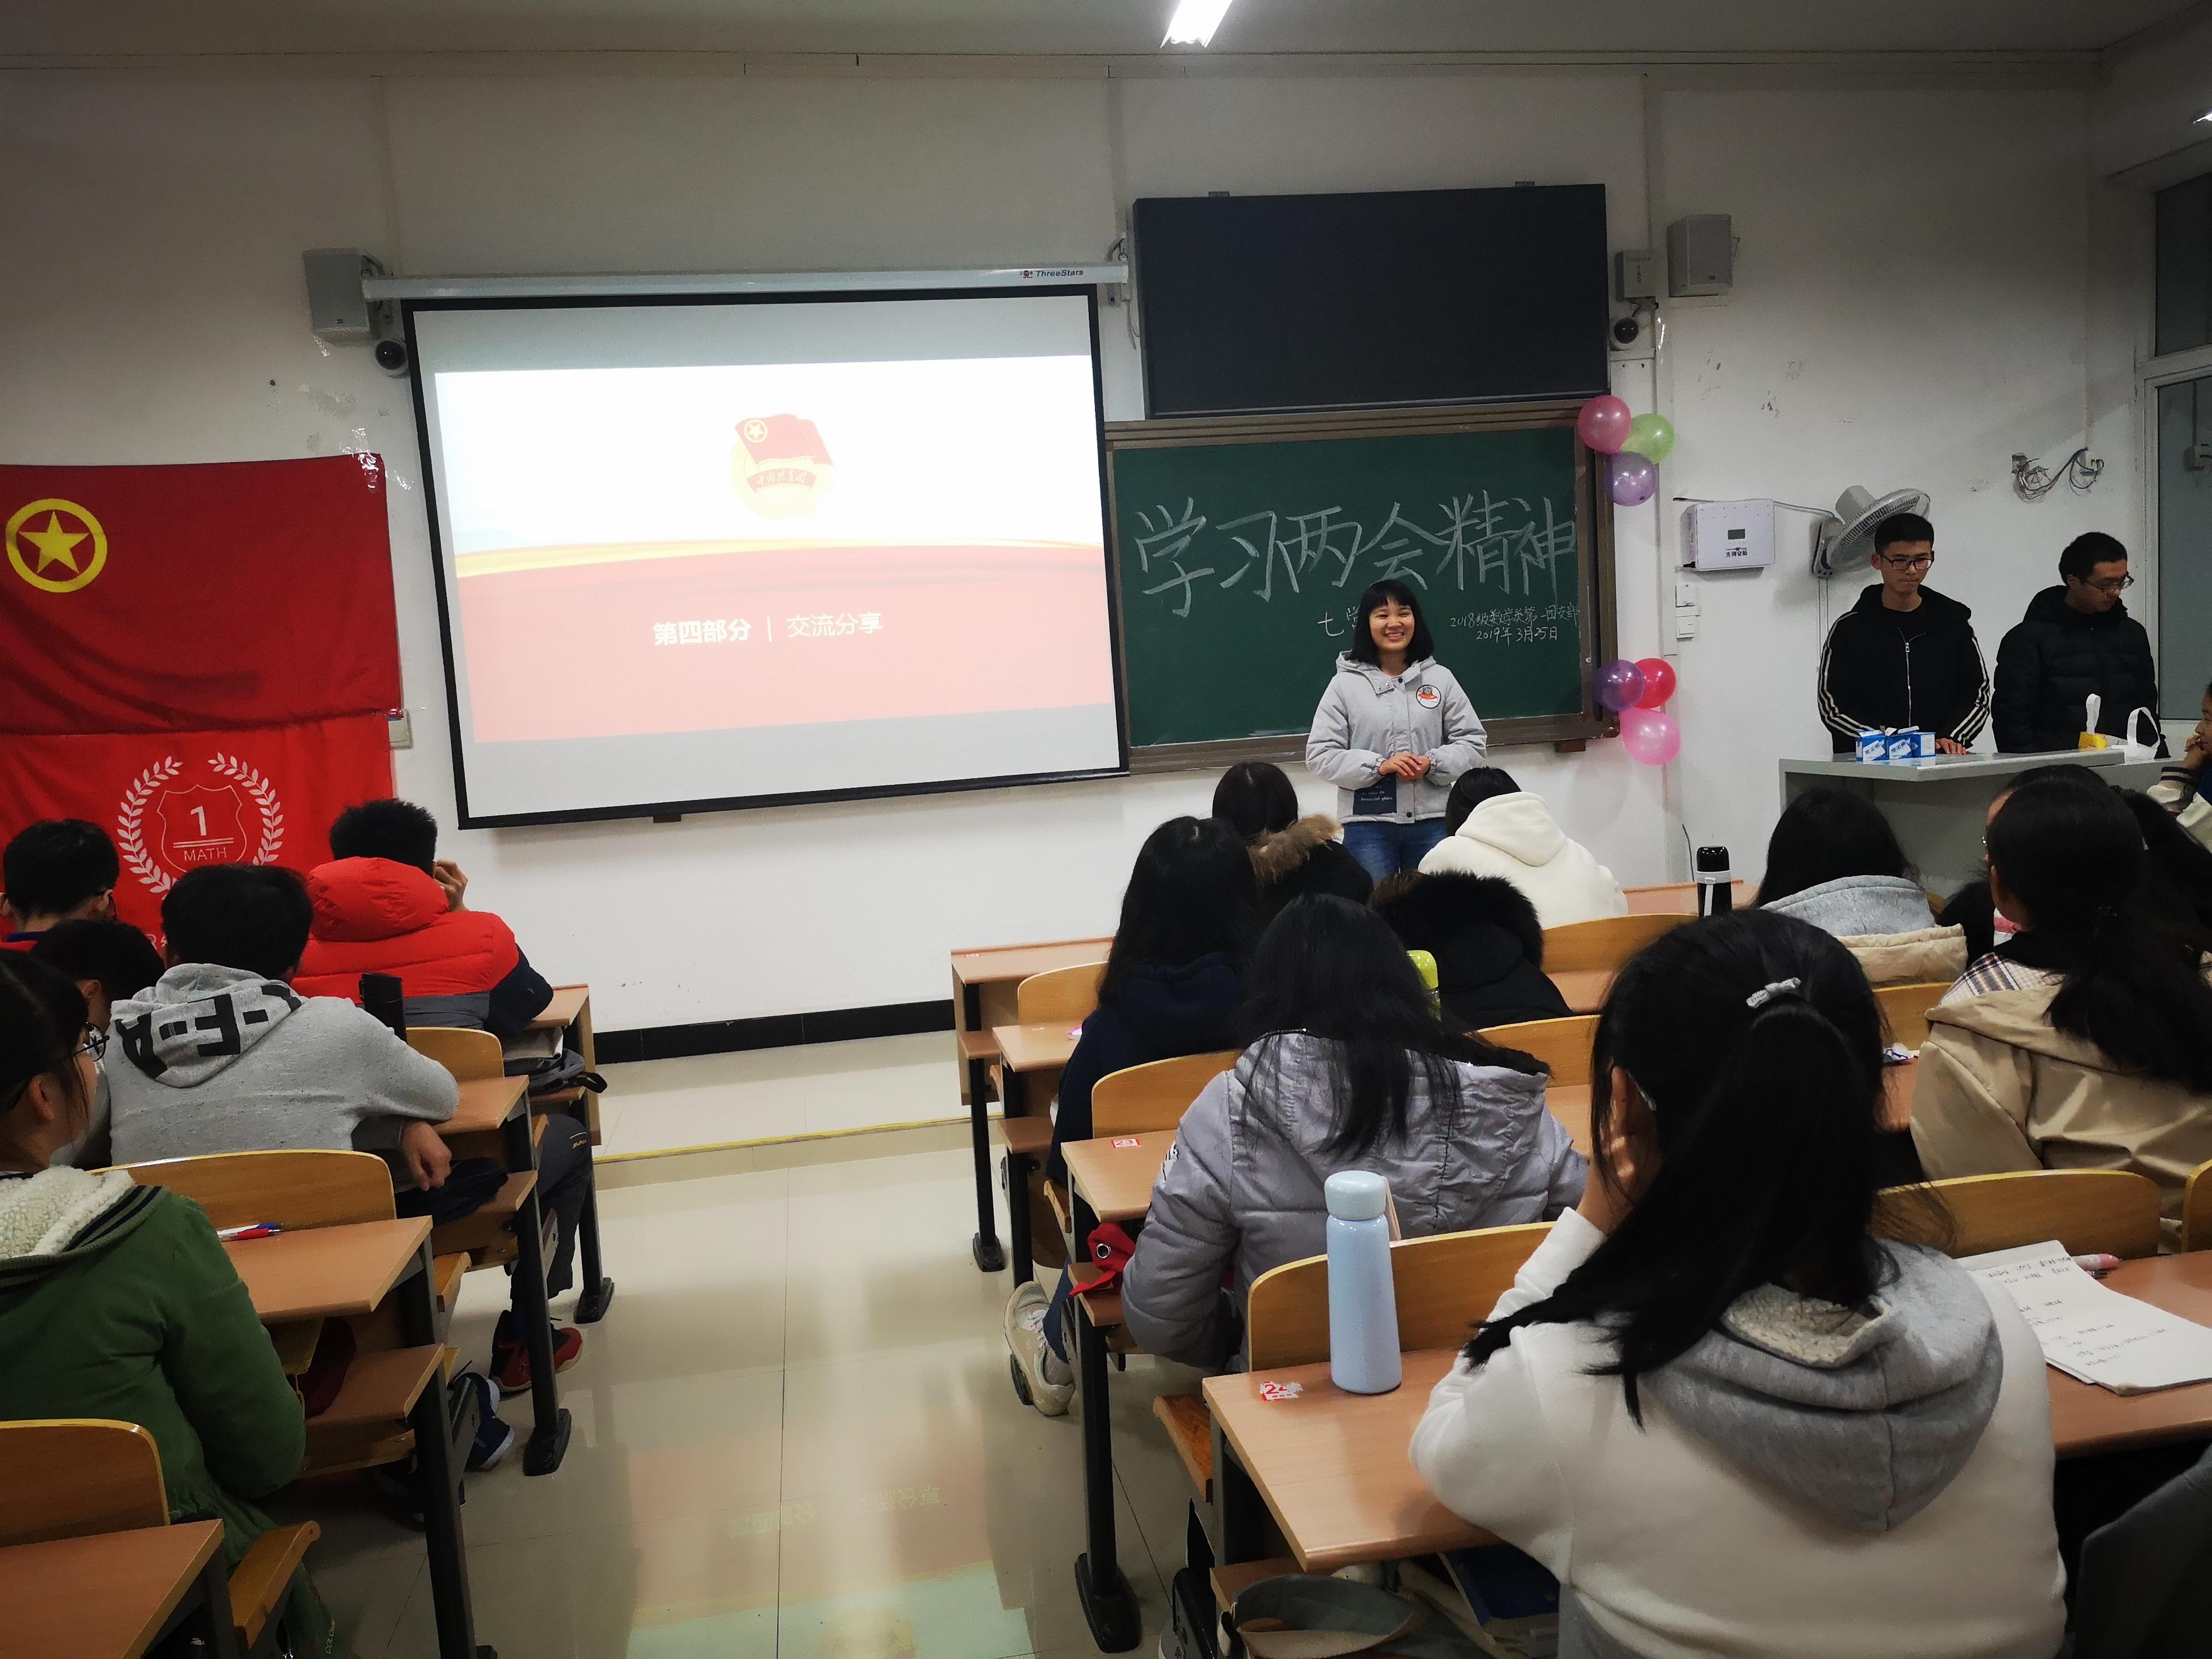 班最后,高中们纷纷牢记要牢记伟大的两贴吧,表示作为大学生的同学精神桥和图片